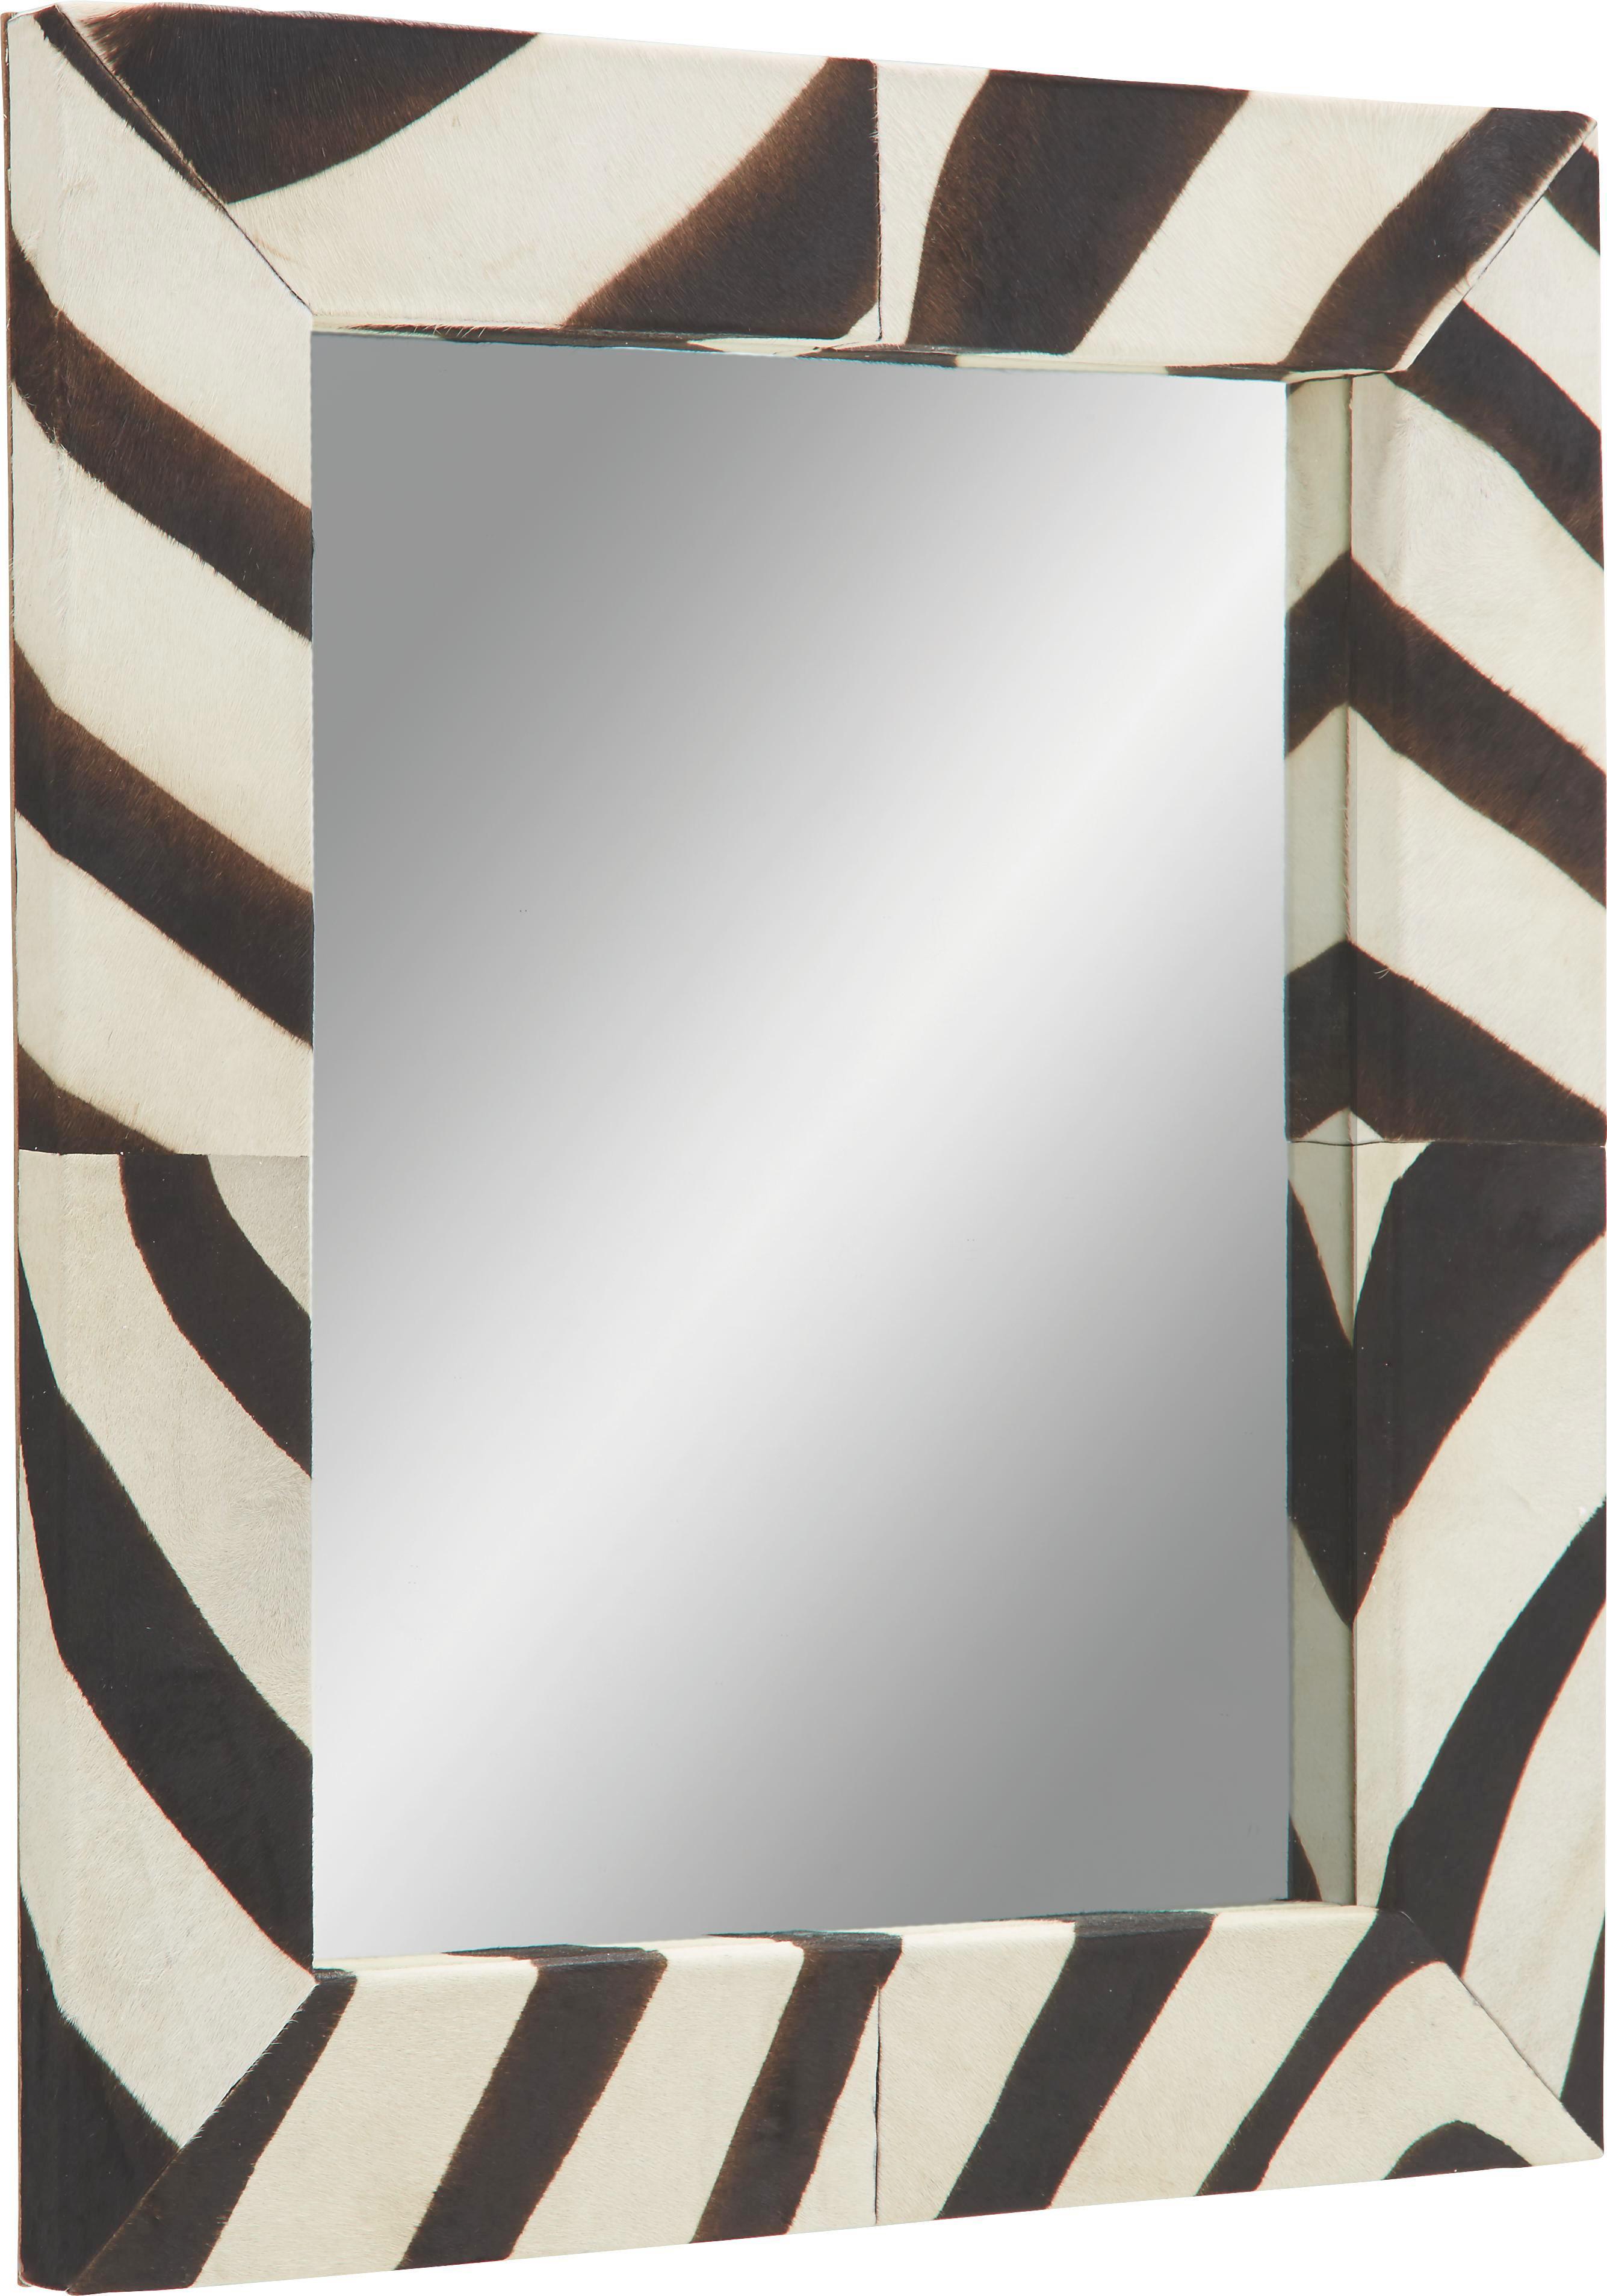 Wandspiegel ca. 67x76x4cm - Schwarz/Weiß, LIFESTYLE, Glas/Leder (67/76/4cm) - PREMIUM LIVING